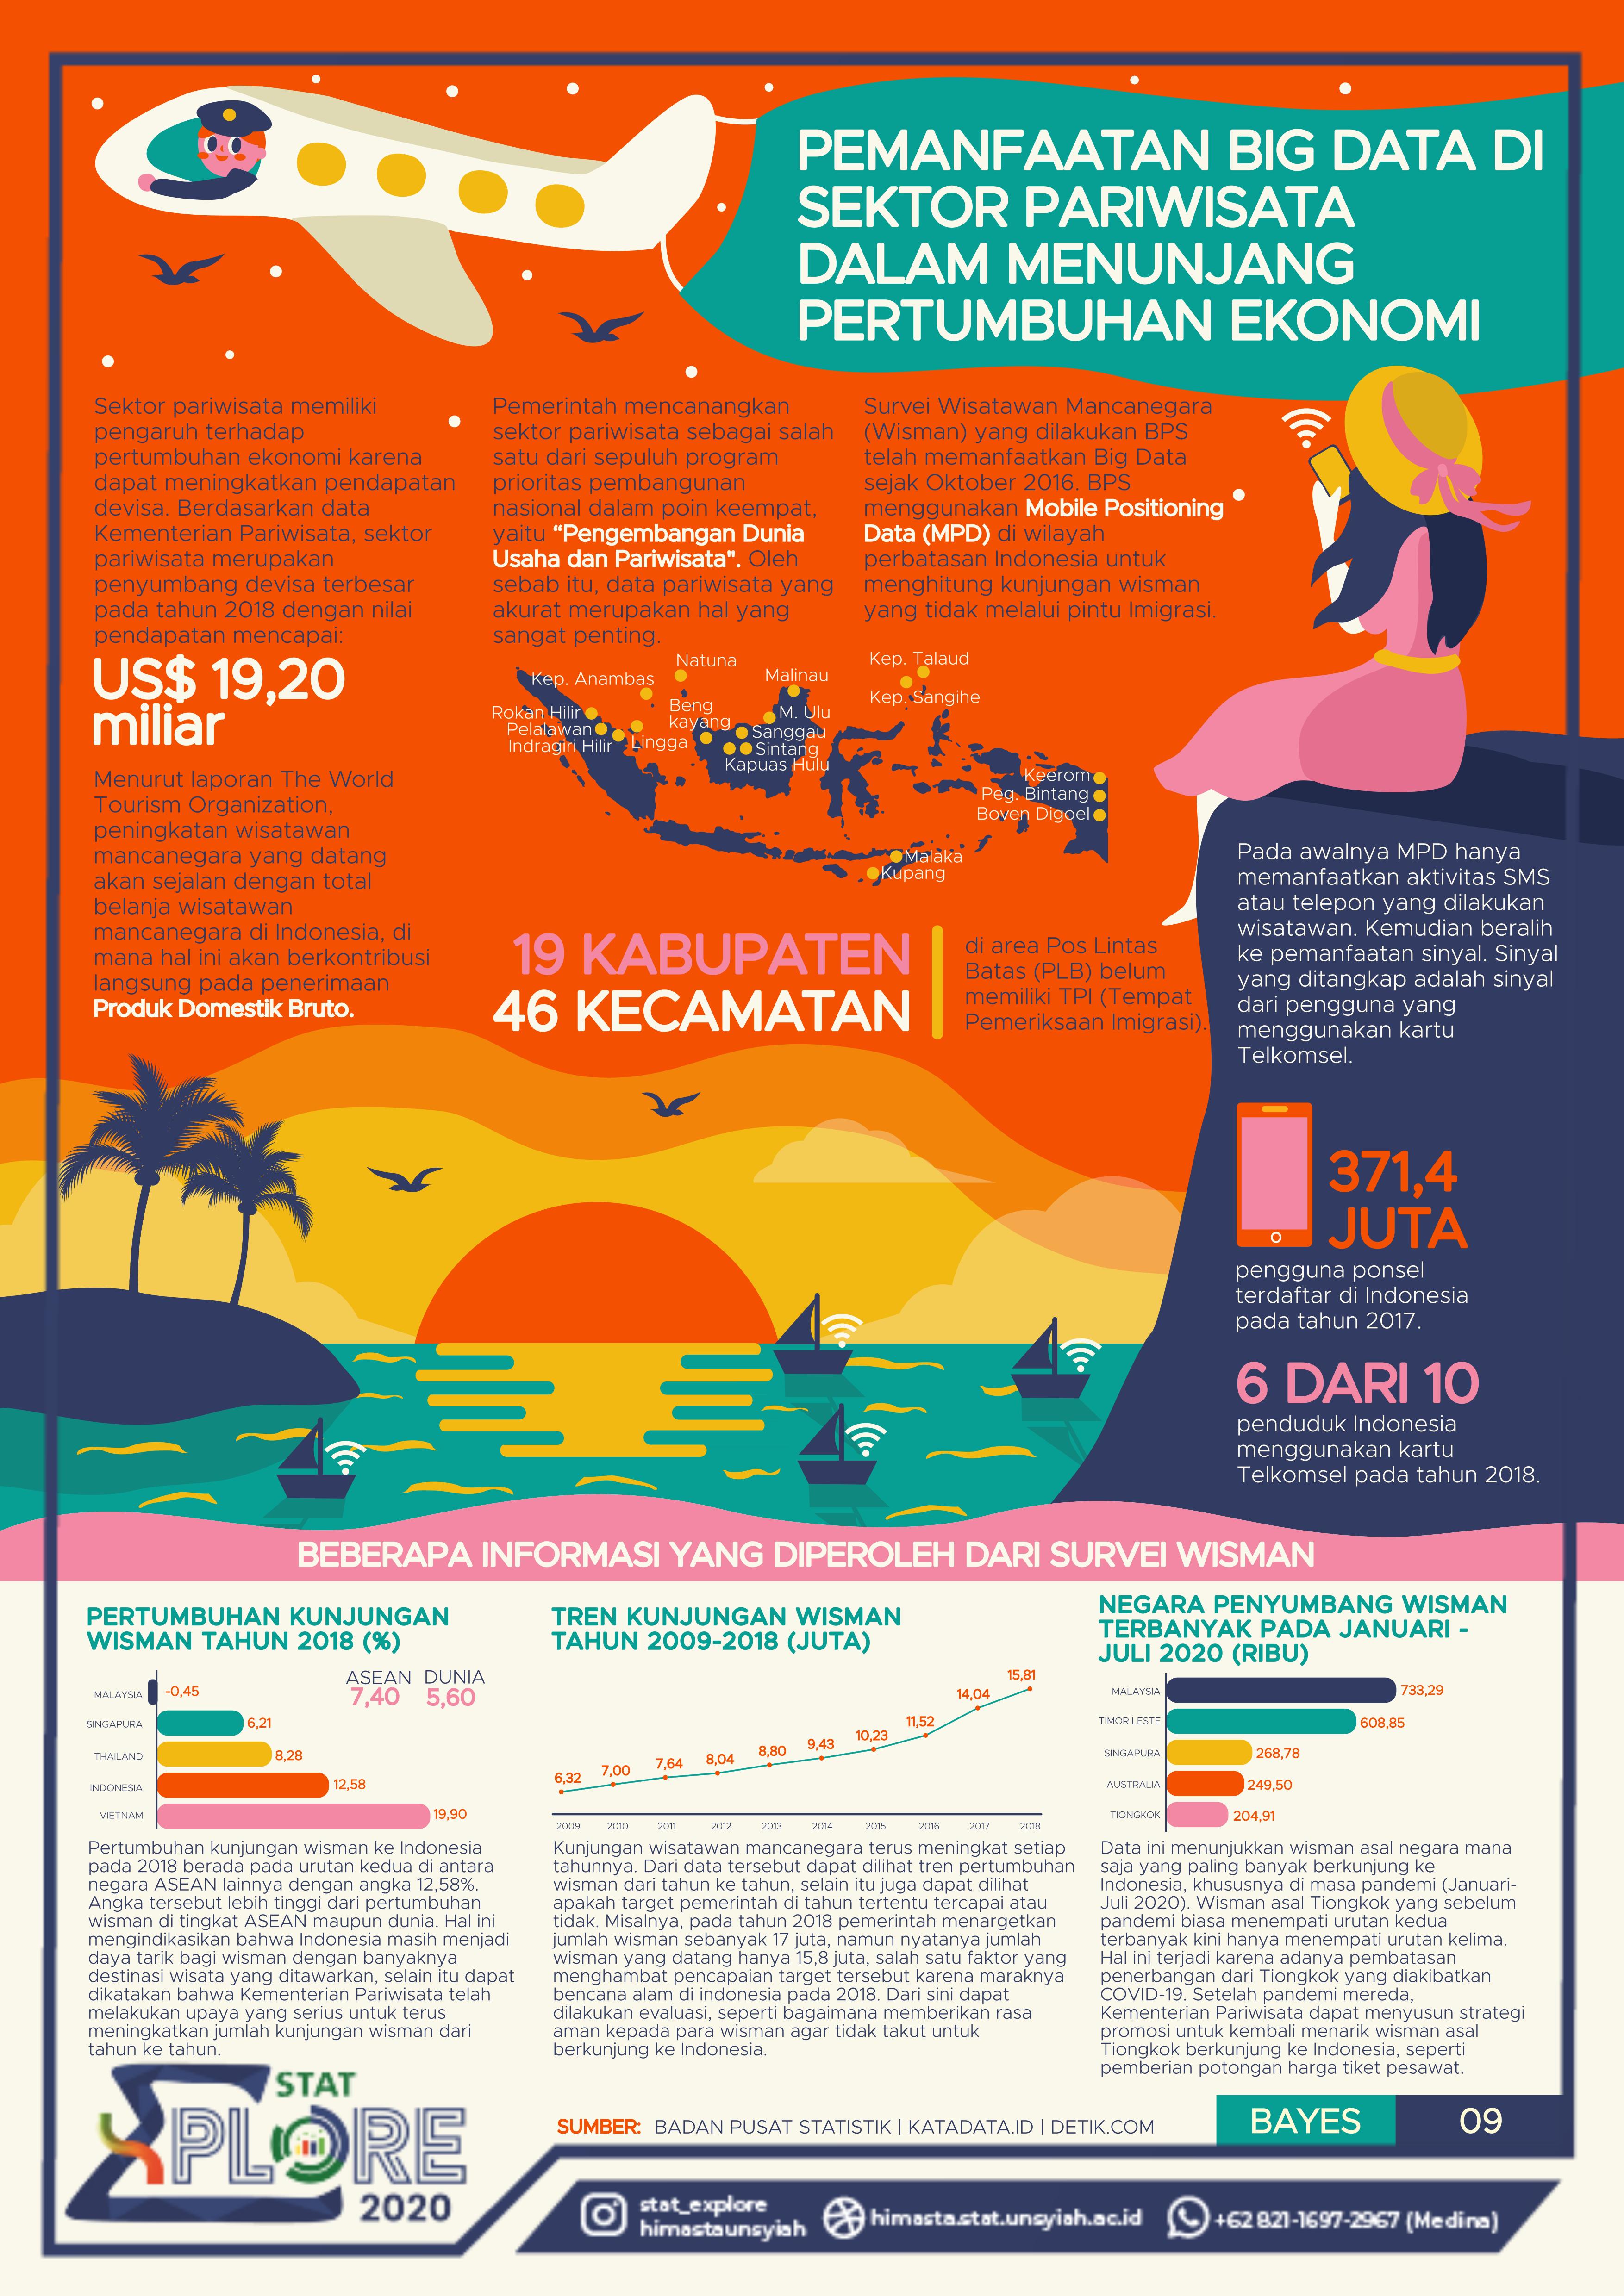 Pemanfaatan Big Data Di Sektor Pariwisata Dalam Menunjang Pertumbuhan Ekonomi Desain Infografis Infografis Ilustrasi Infografis